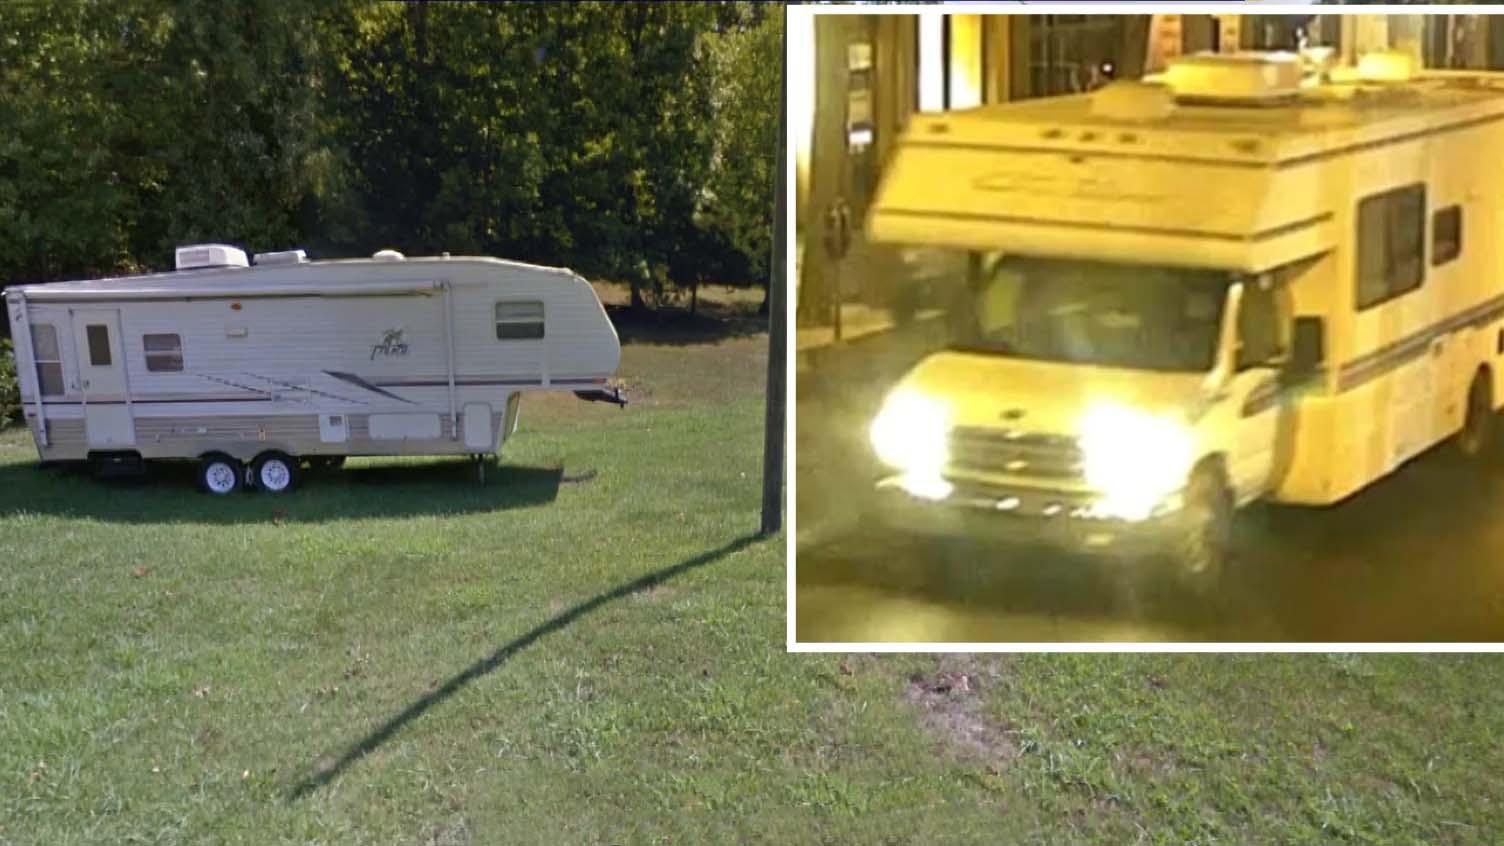 田納西州營車爆炸案 當局調查懷疑涉案男子